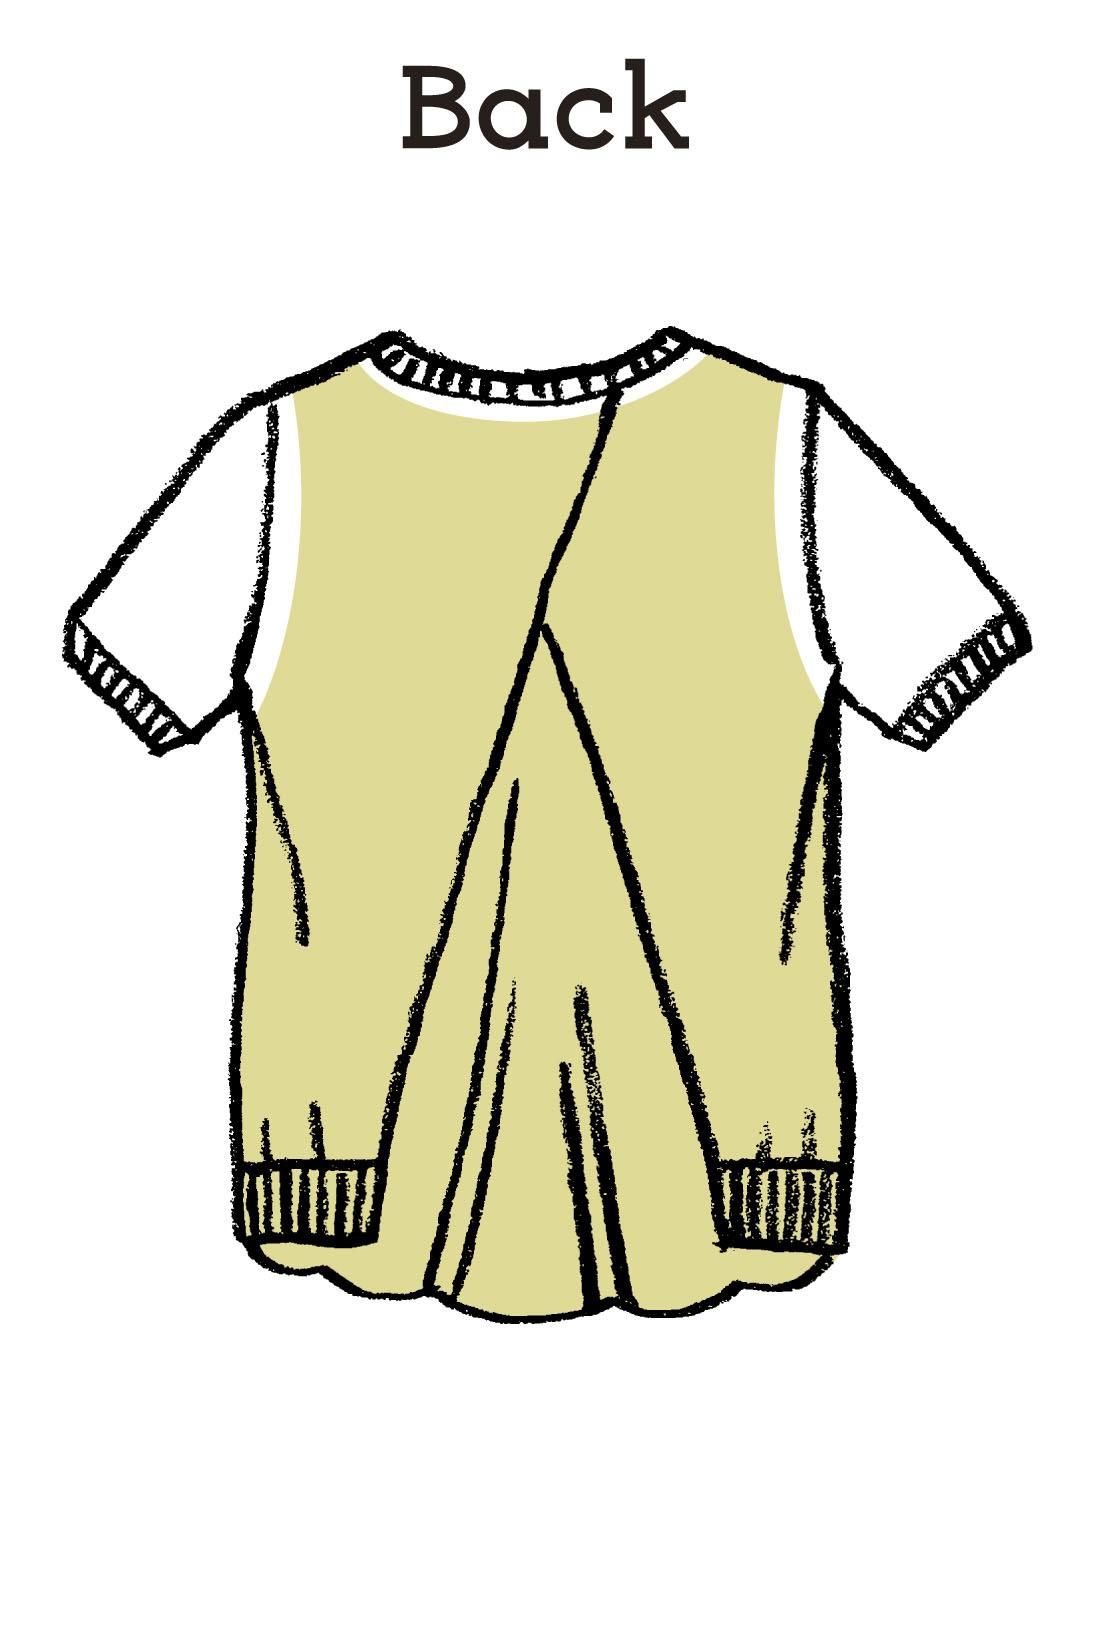 重なり合うニットの下にバンダナ柄の別布がドッキング。背中の縦ラインを強調して華奢見せしつつ、前身ごろは薄手ニット一枚なので暑くありません。